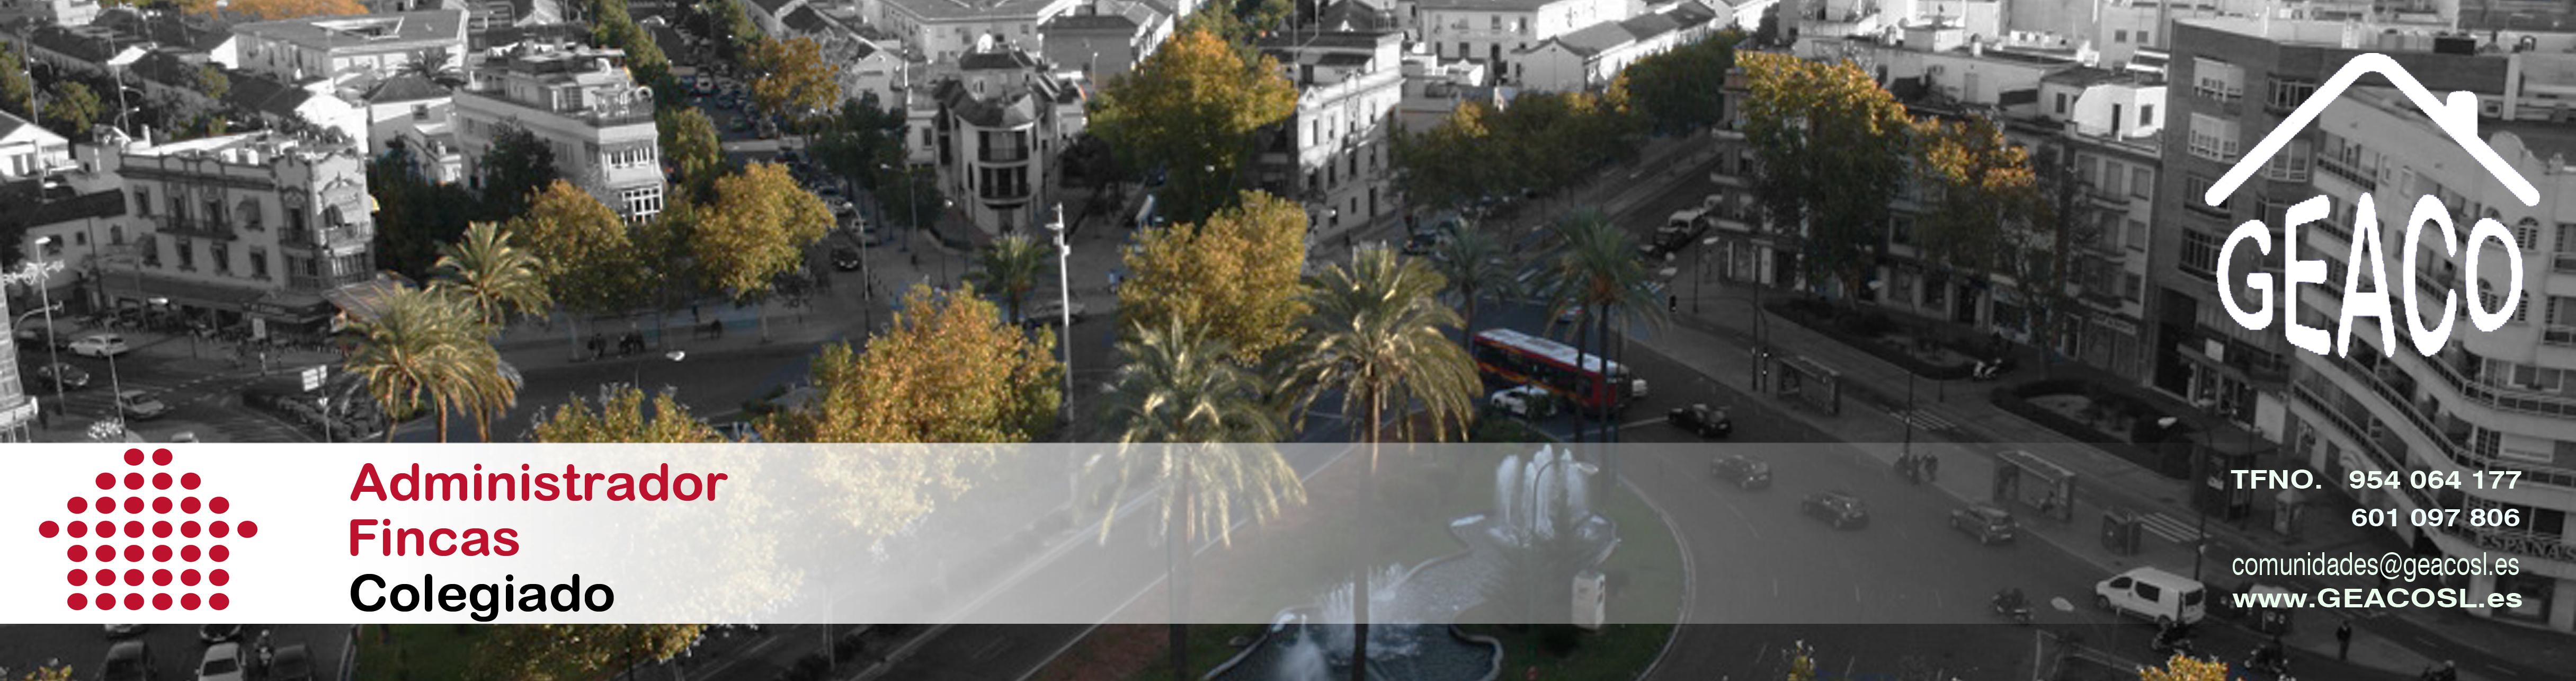 Administracion de fincas sevilla geaco administracion de - Administradores de fincas en barcelona ...